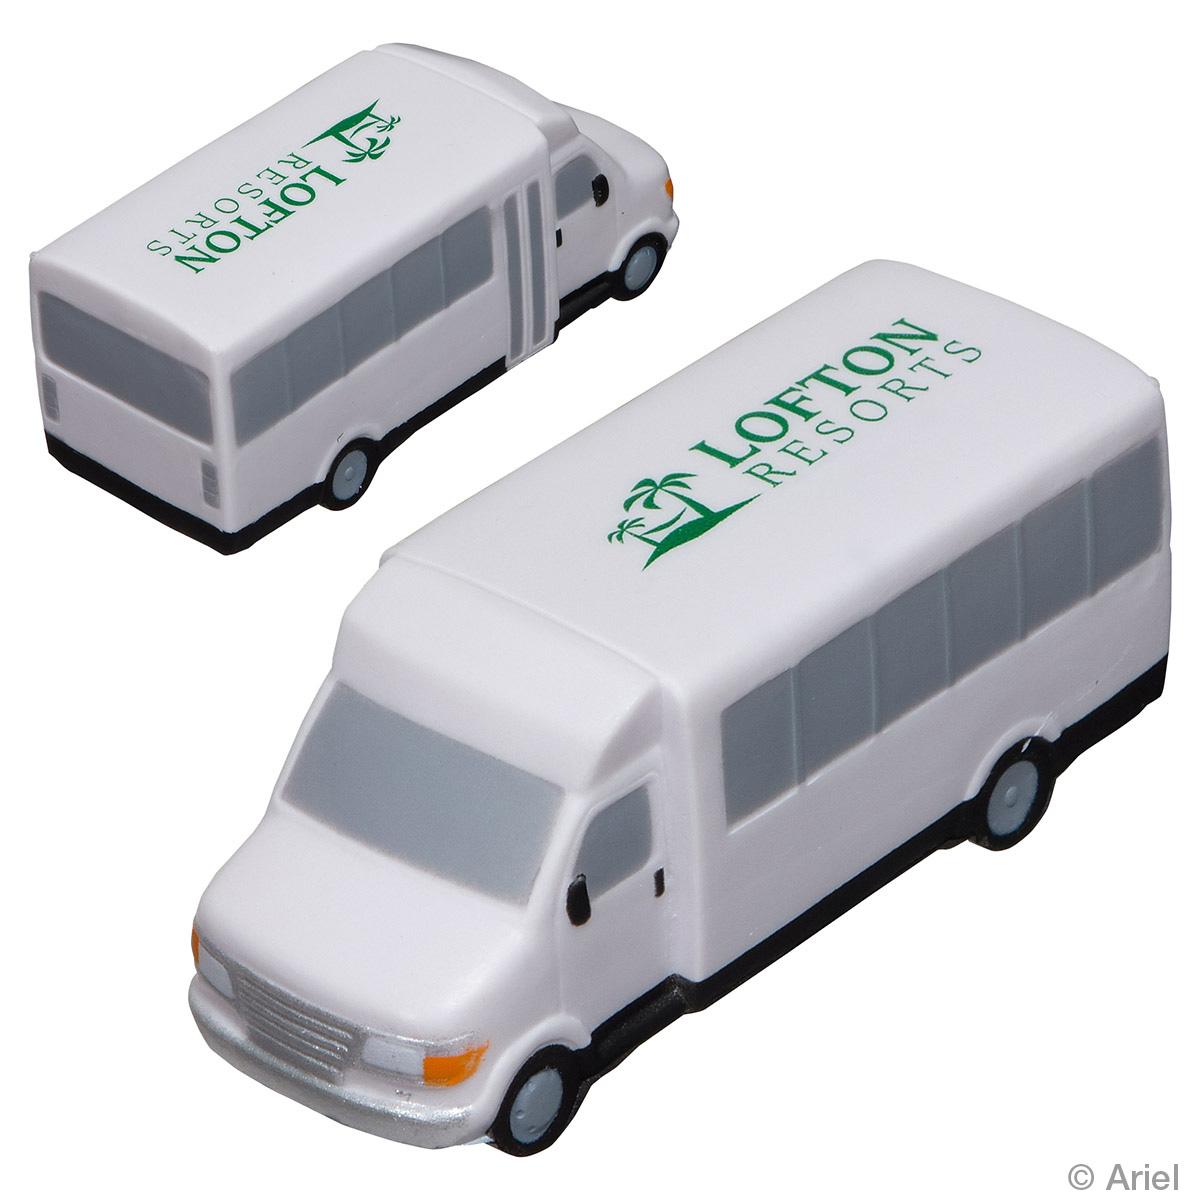 Shuttle Bus Stress Reliever, LTR-SH08 - 1 Colour Imprint